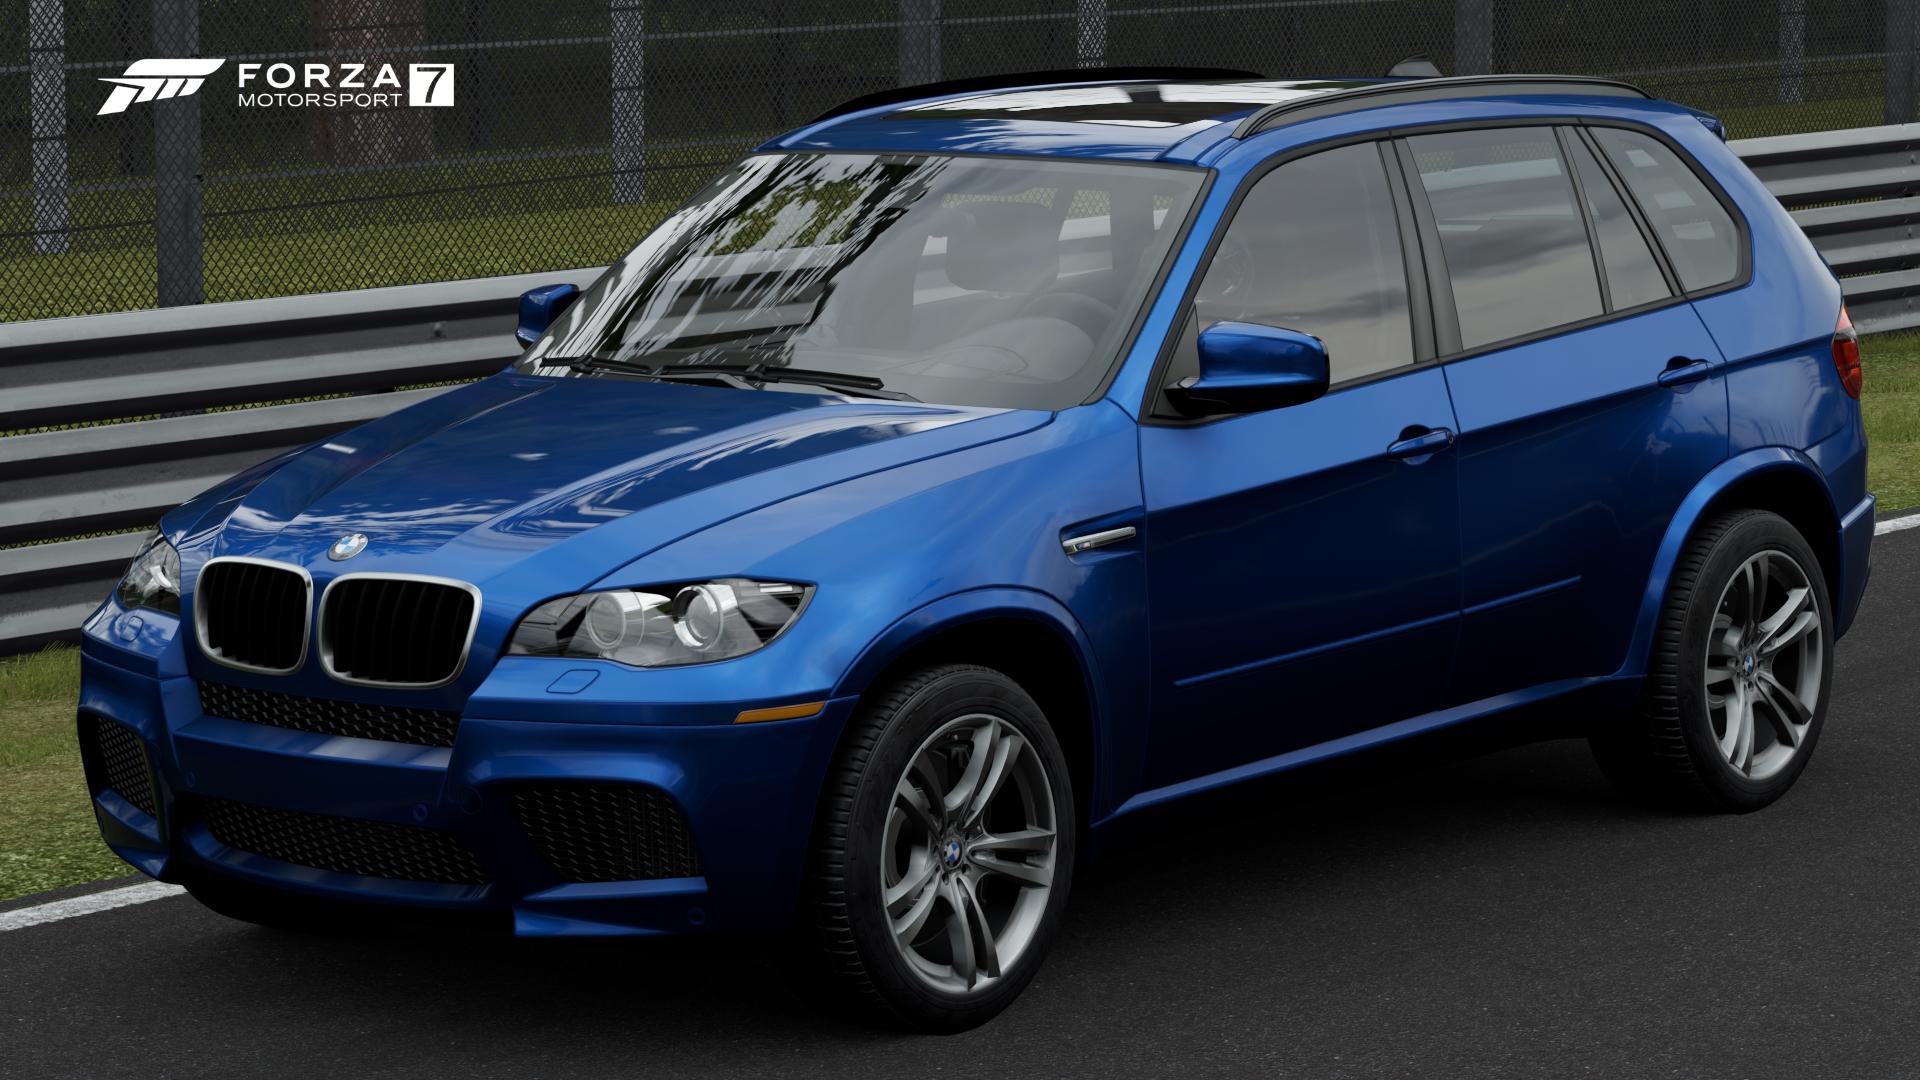 BMW X5 M Forza Motorsport Wiki